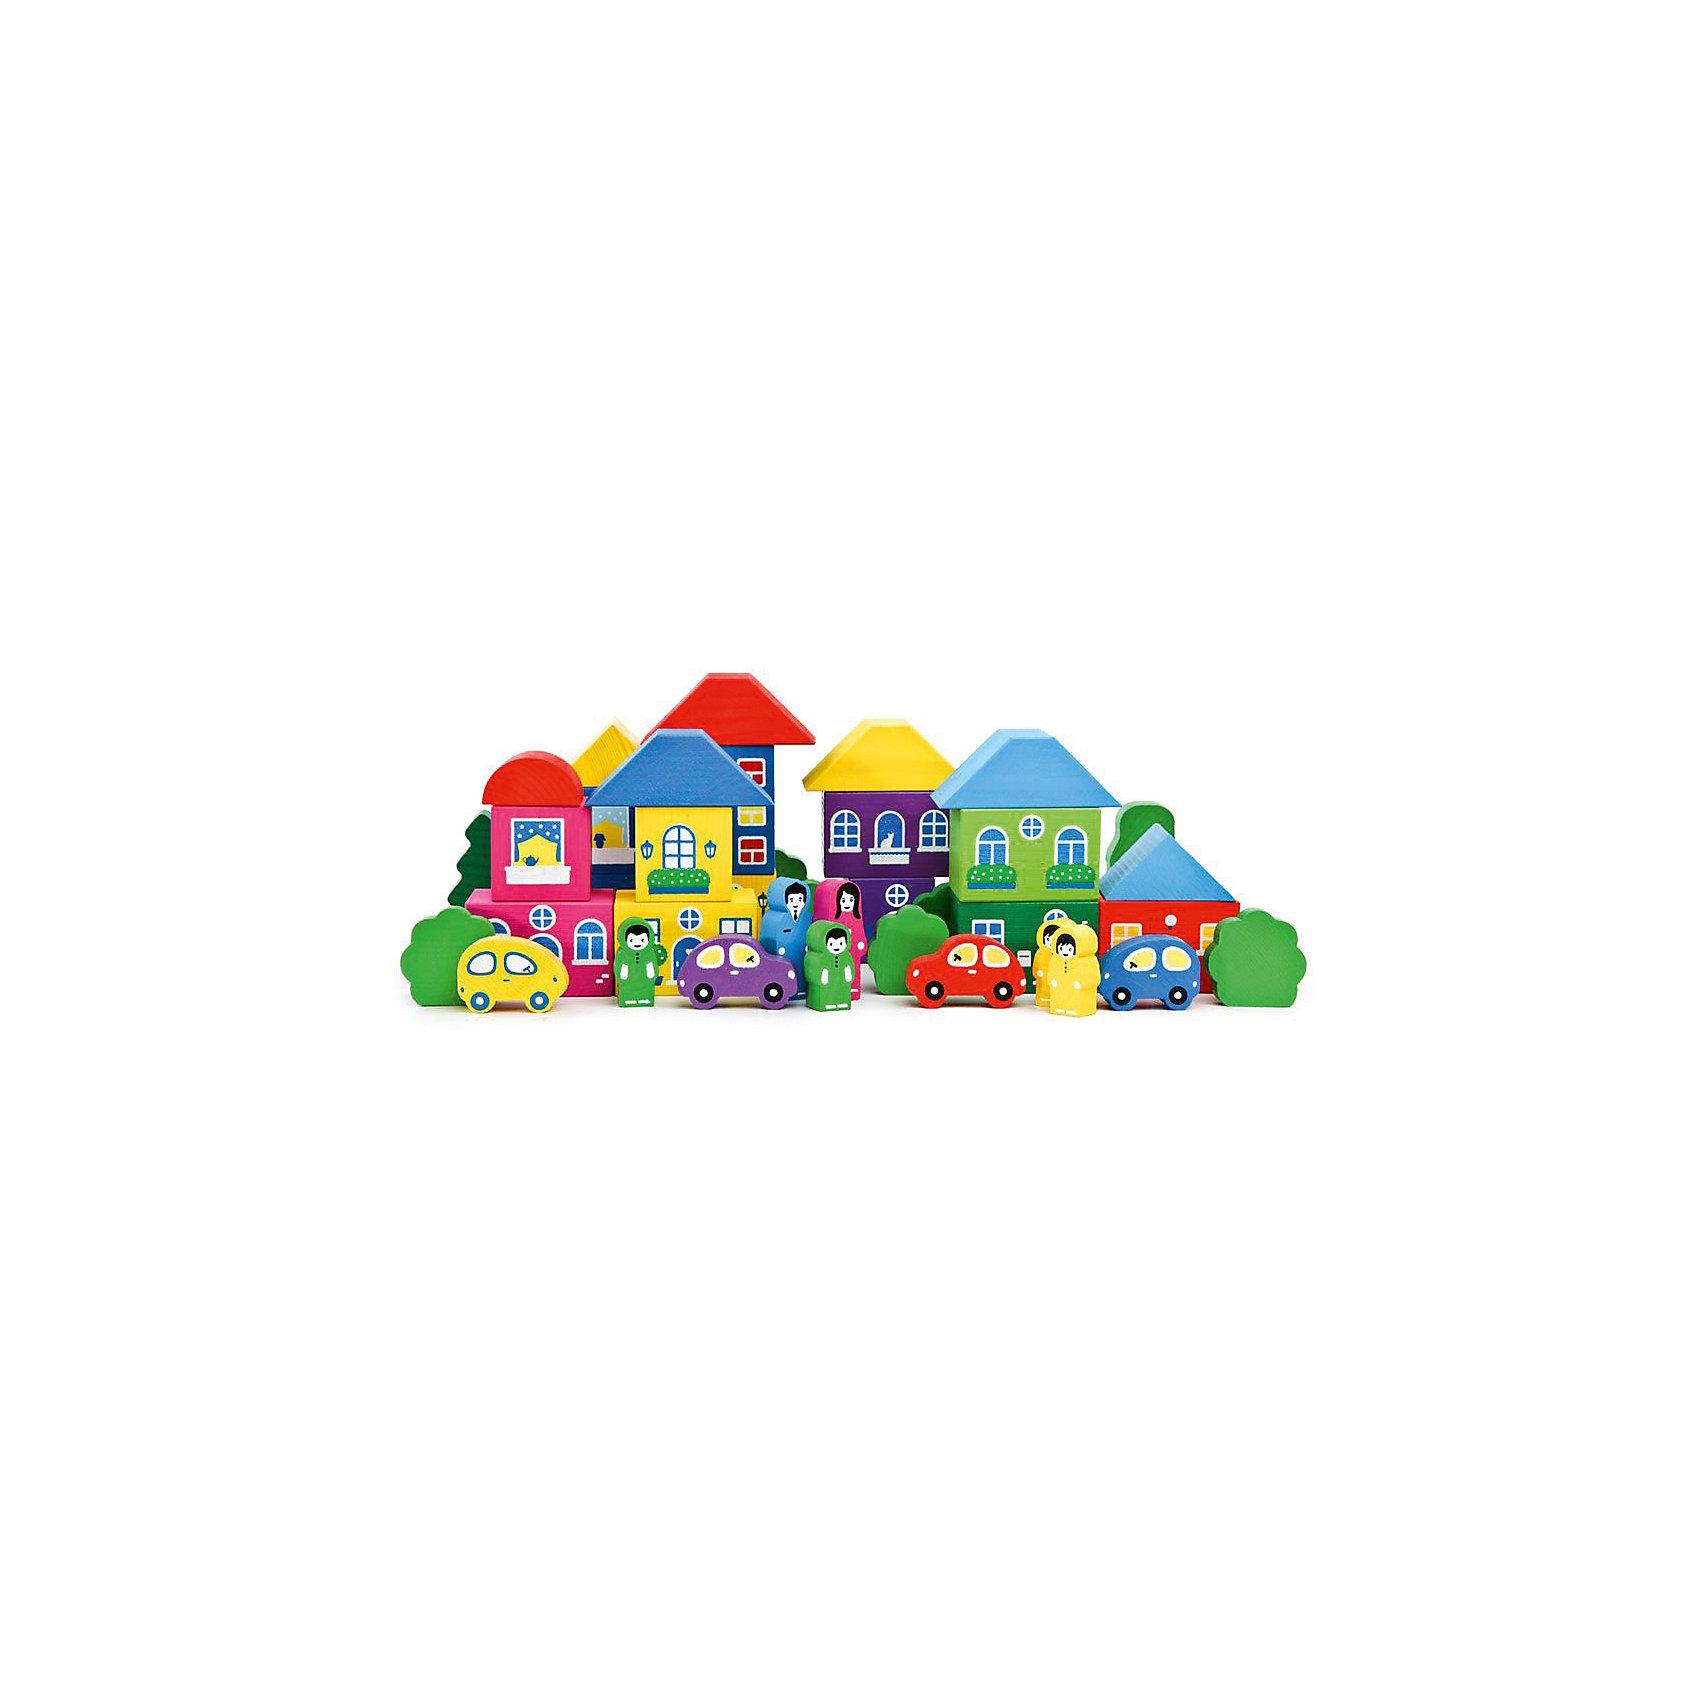 Конструктор   Цветной городок ,41 деталь,  ТомикКонструктор «Цветной городок», 41 деталь, Томик – очень яркий и красивый конструктор для создания городка и ролевых игр с ним.<br><br>В этом замечательном конструкторе есть все, для того, чтобы построить городок – различные домики, деревья, машинки и человечки. На домиках нарисованы окошки различных форм, шторки и цветочки на подоконниках. Детали конструктора выполнены из экологически чистого материала – древесины хвойных пород, а значит, безопасны для малышей.<br><br>Комплектация:<br>- 41 различная деталь<br><br>Дополнительная информация:<br><br>- размер коробки: 25х22х4 см<br>- вес: 1069 г<br>- материал: дерево<br><br>Конструктор «Цветной городок», 41 деталь, Томик - отличный подарок ребенку, развивающий воображение, пространственное мышление, координацию движений и мелкую моторику рук.<br><br>Конструктор «Цветной городок», 41 деталь, Томик можно купить в нашем магазине.<br><br>Ширина мм: 250<br>Глубина мм: 220<br>Высота мм: 40<br>Вес г: 1000<br>Возраст от месяцев: 36<br>Возраст до месяцев: 60<br>Пол: Унисекс<br>Возраст: Детский<br>SKU: 3574604